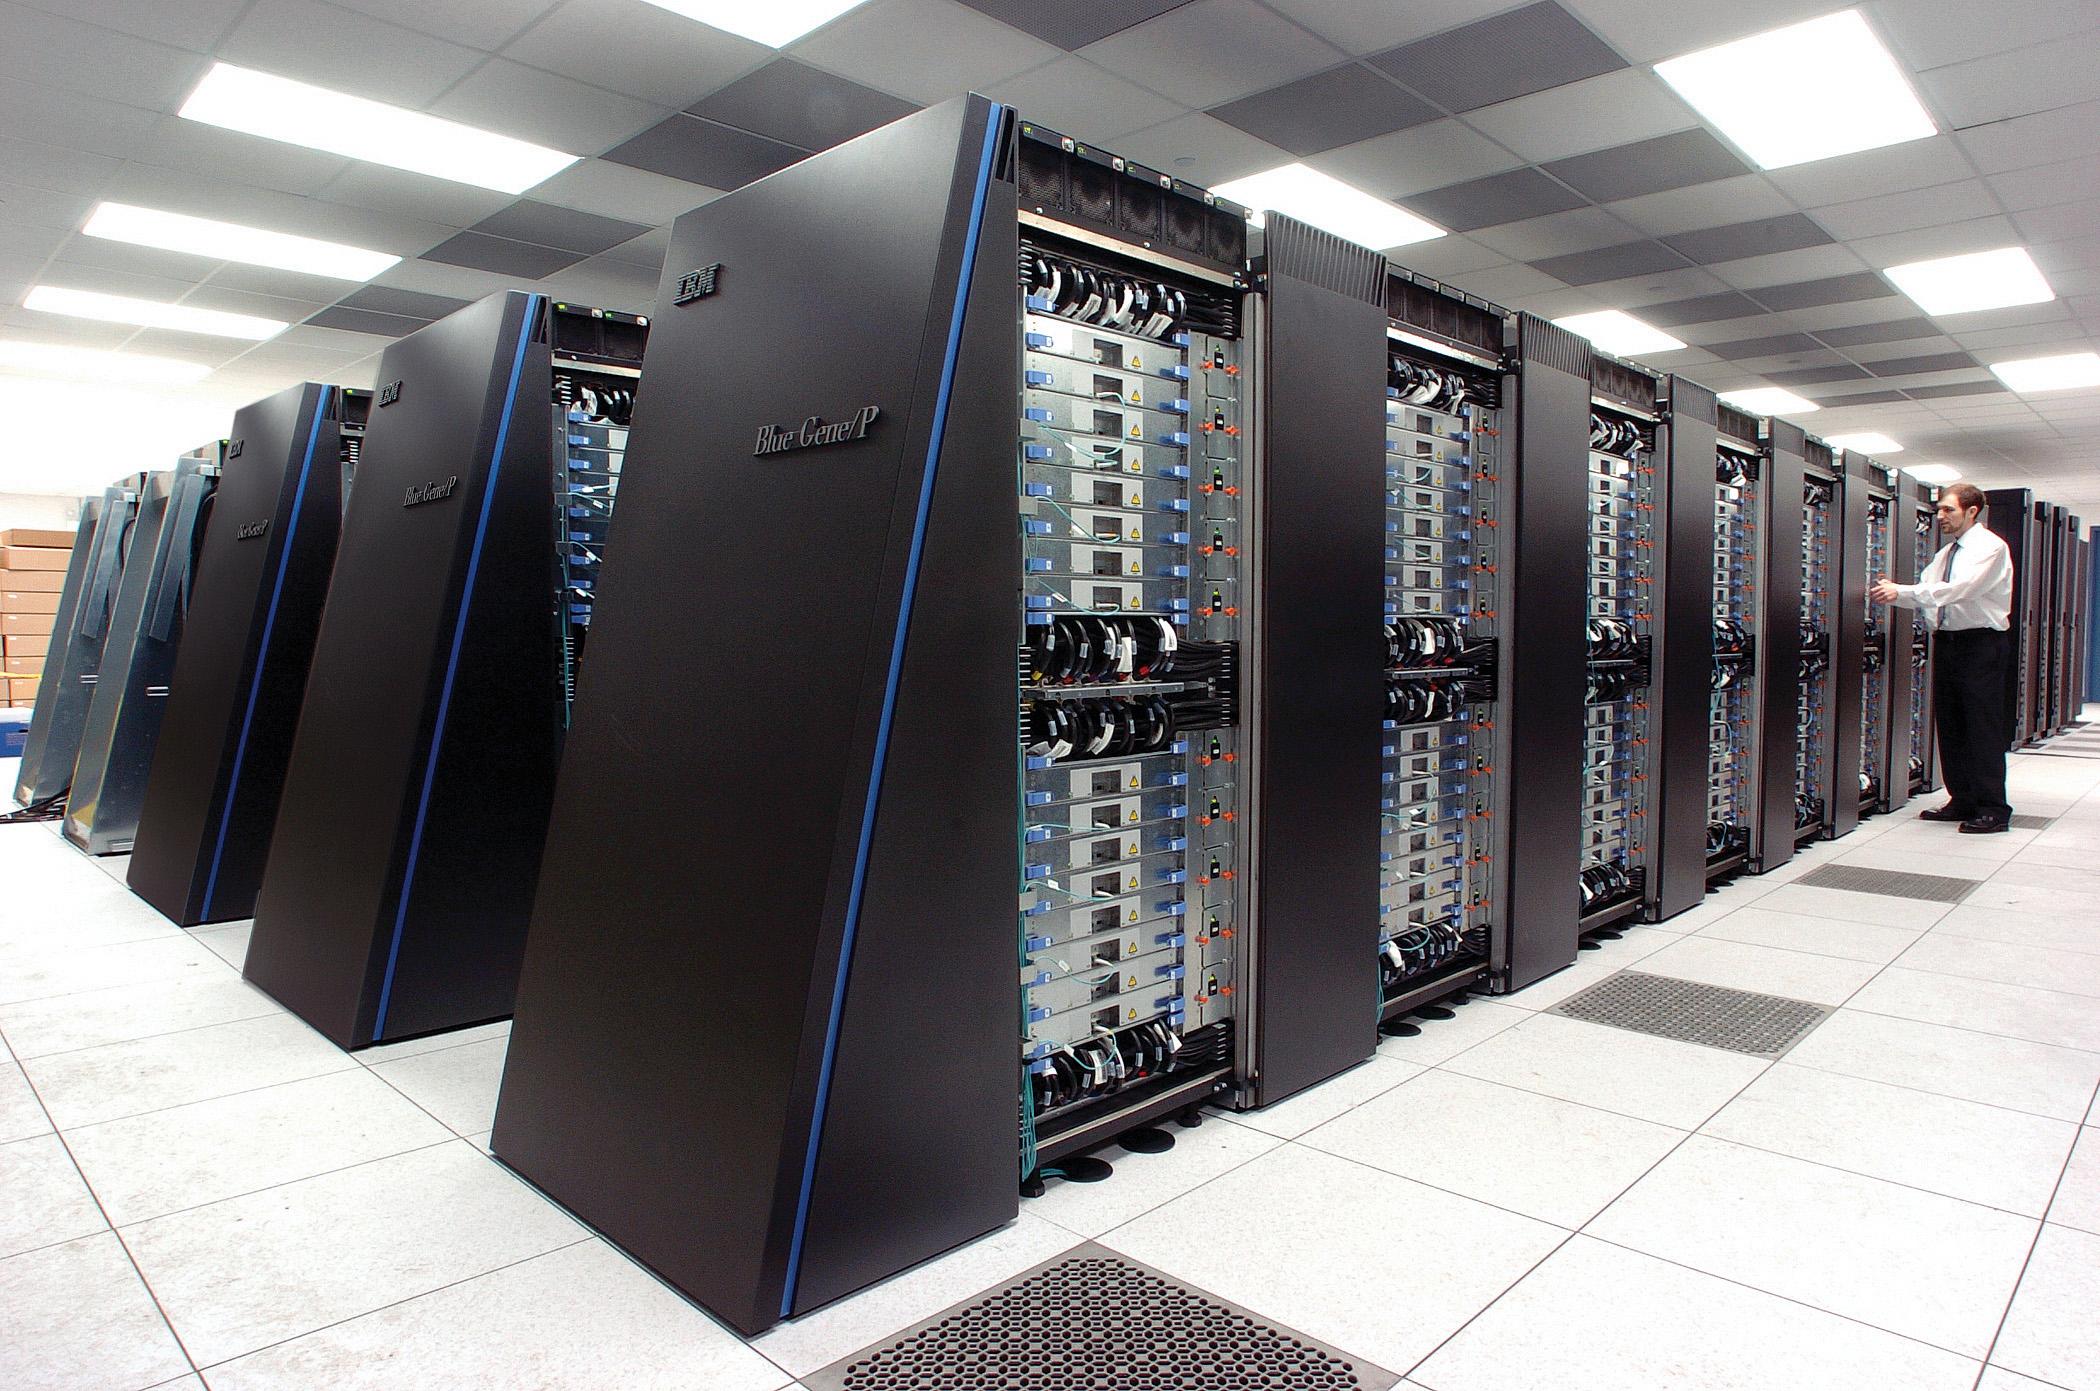 El objetivo es que supercomputadoras como BlueGene, de IBM (Illinois, EE.UU.) 'piensen' como un cerebro. Imagen: Argonne National Laboratory. Fuente: Flickr.